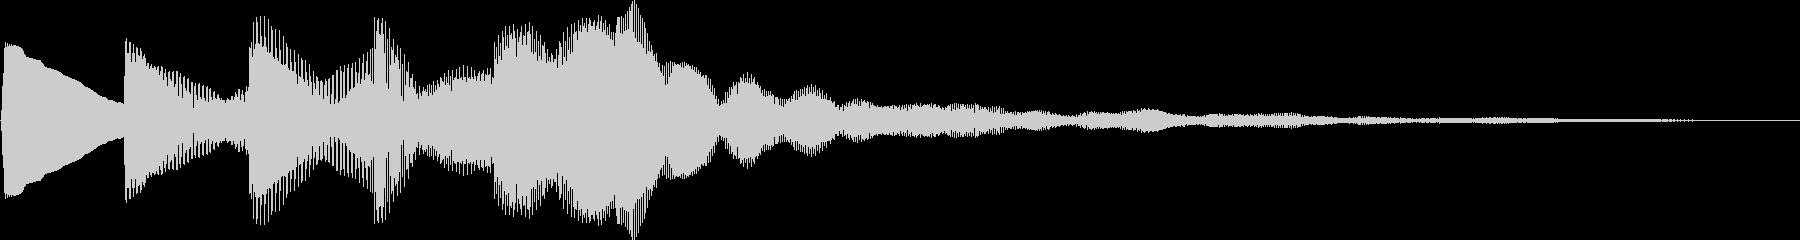 キラキラ(かわいい 登場 回復魔法)の未再生の波形